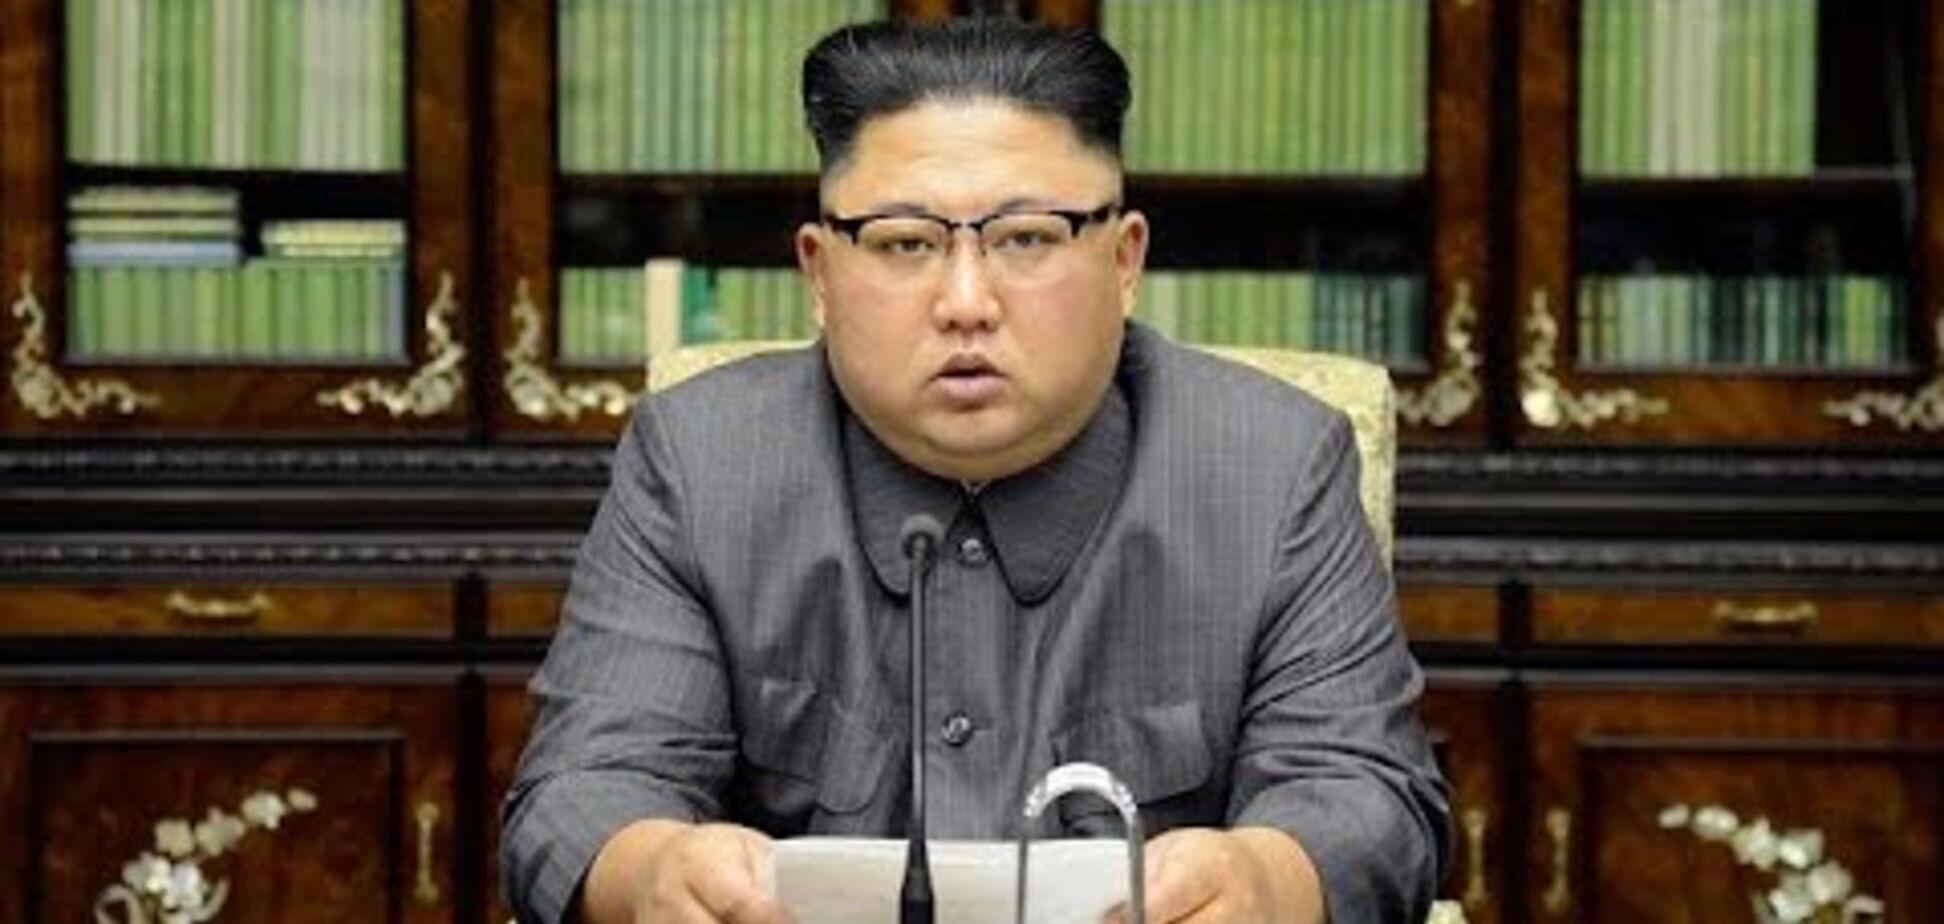 Не може встати: в КНДР злили нові дані про Кім Чен Ина